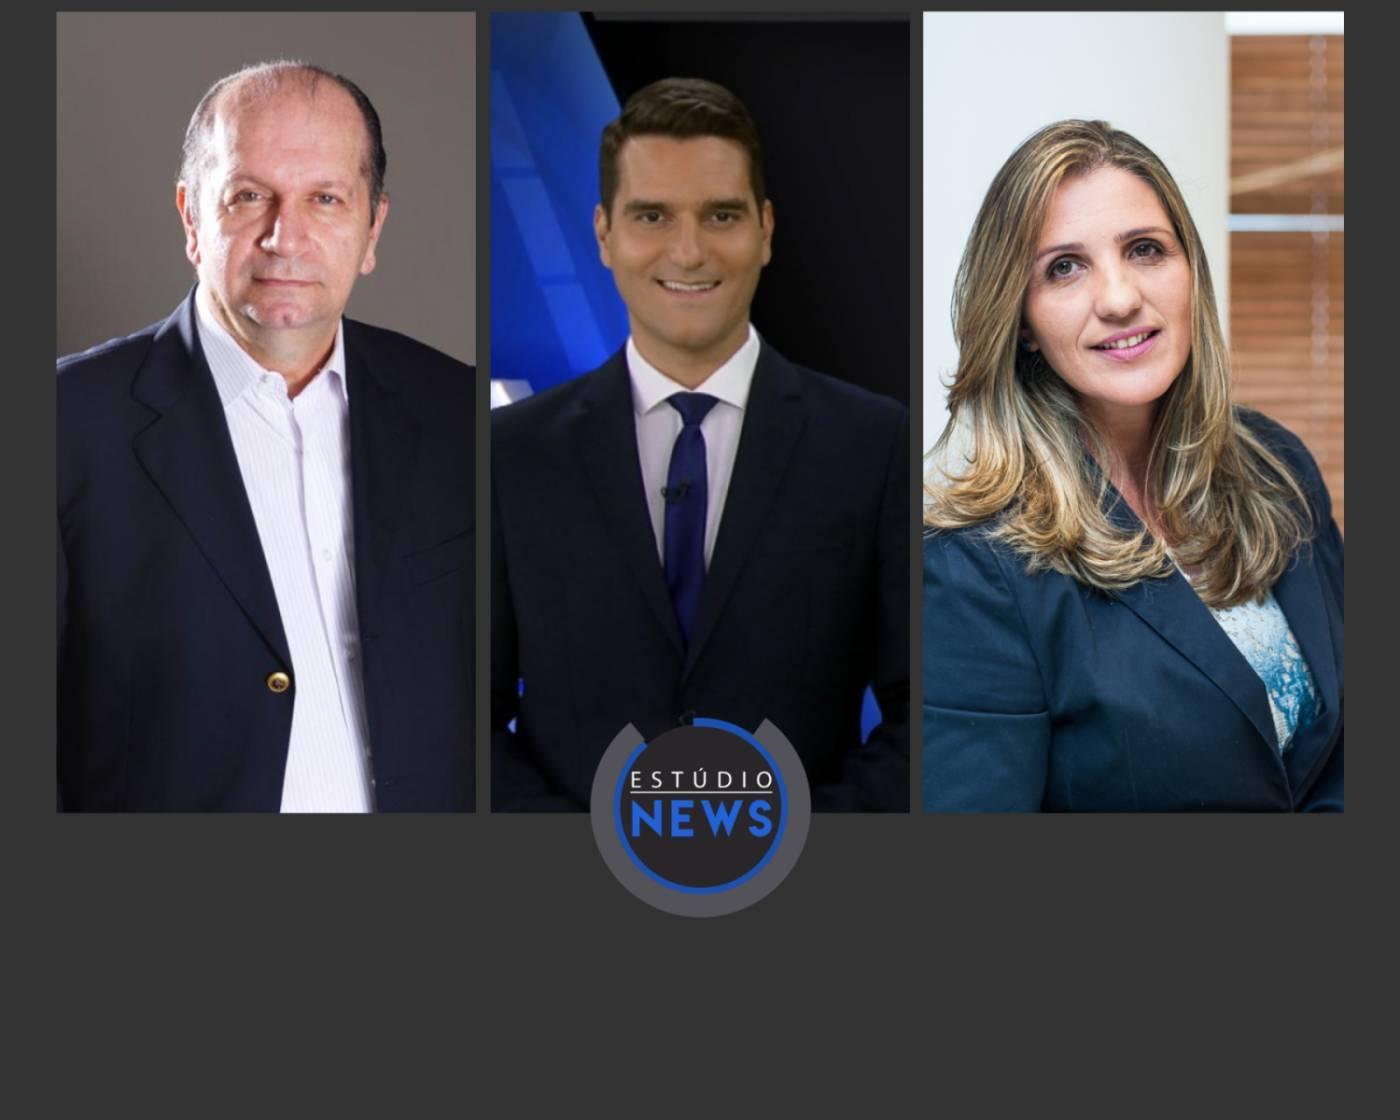 Nabil Sahyoun, Gustavo Toledo e Viviane Seda Bittencourt no Estúdio News